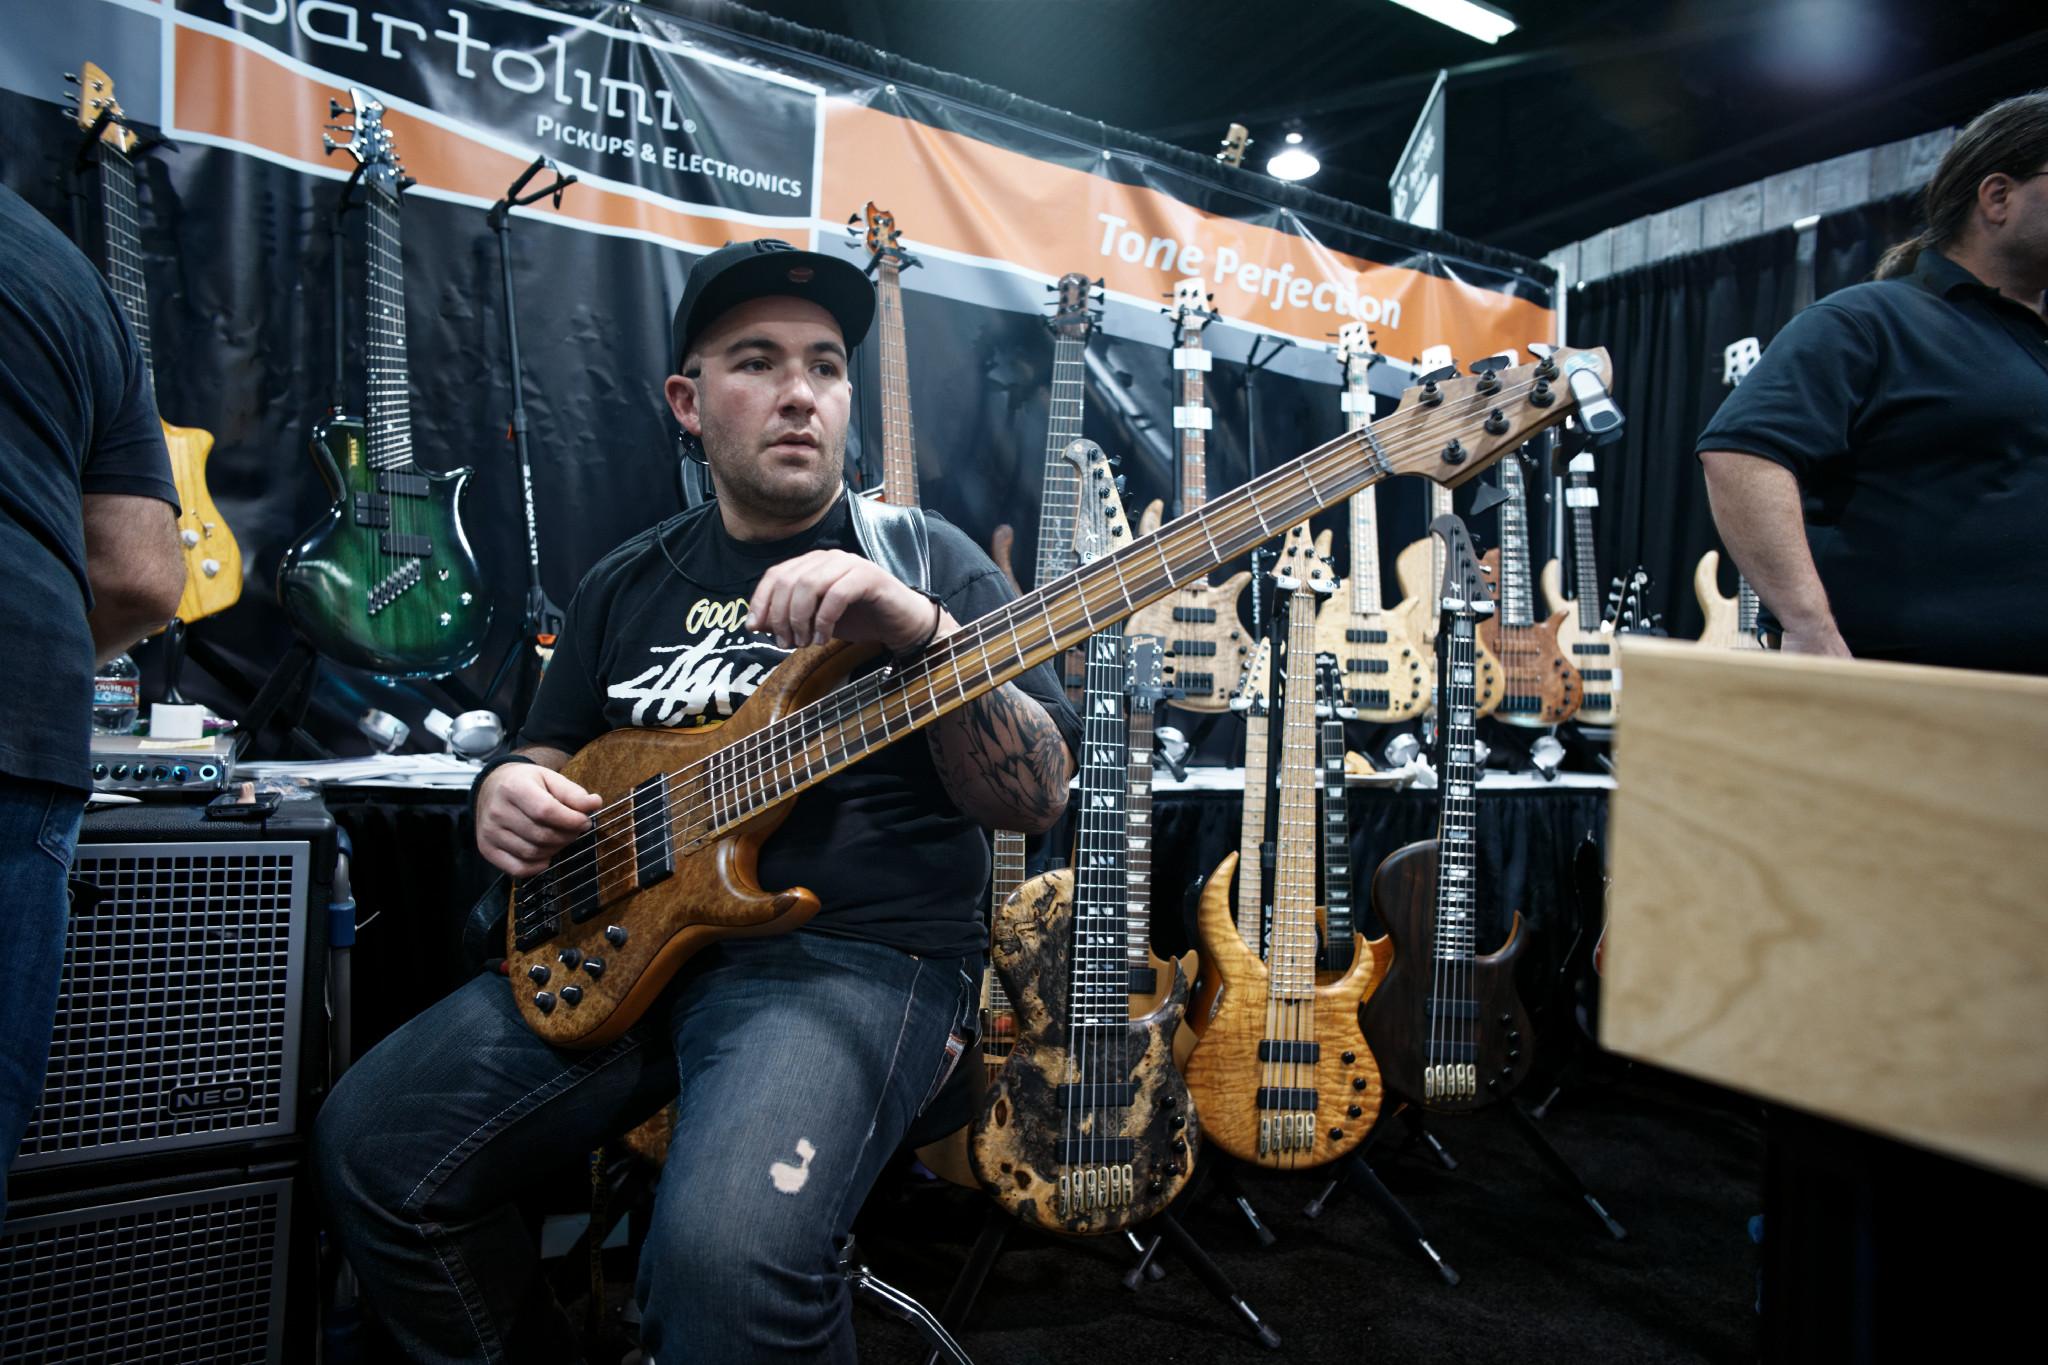 Vik Momjian's Bass